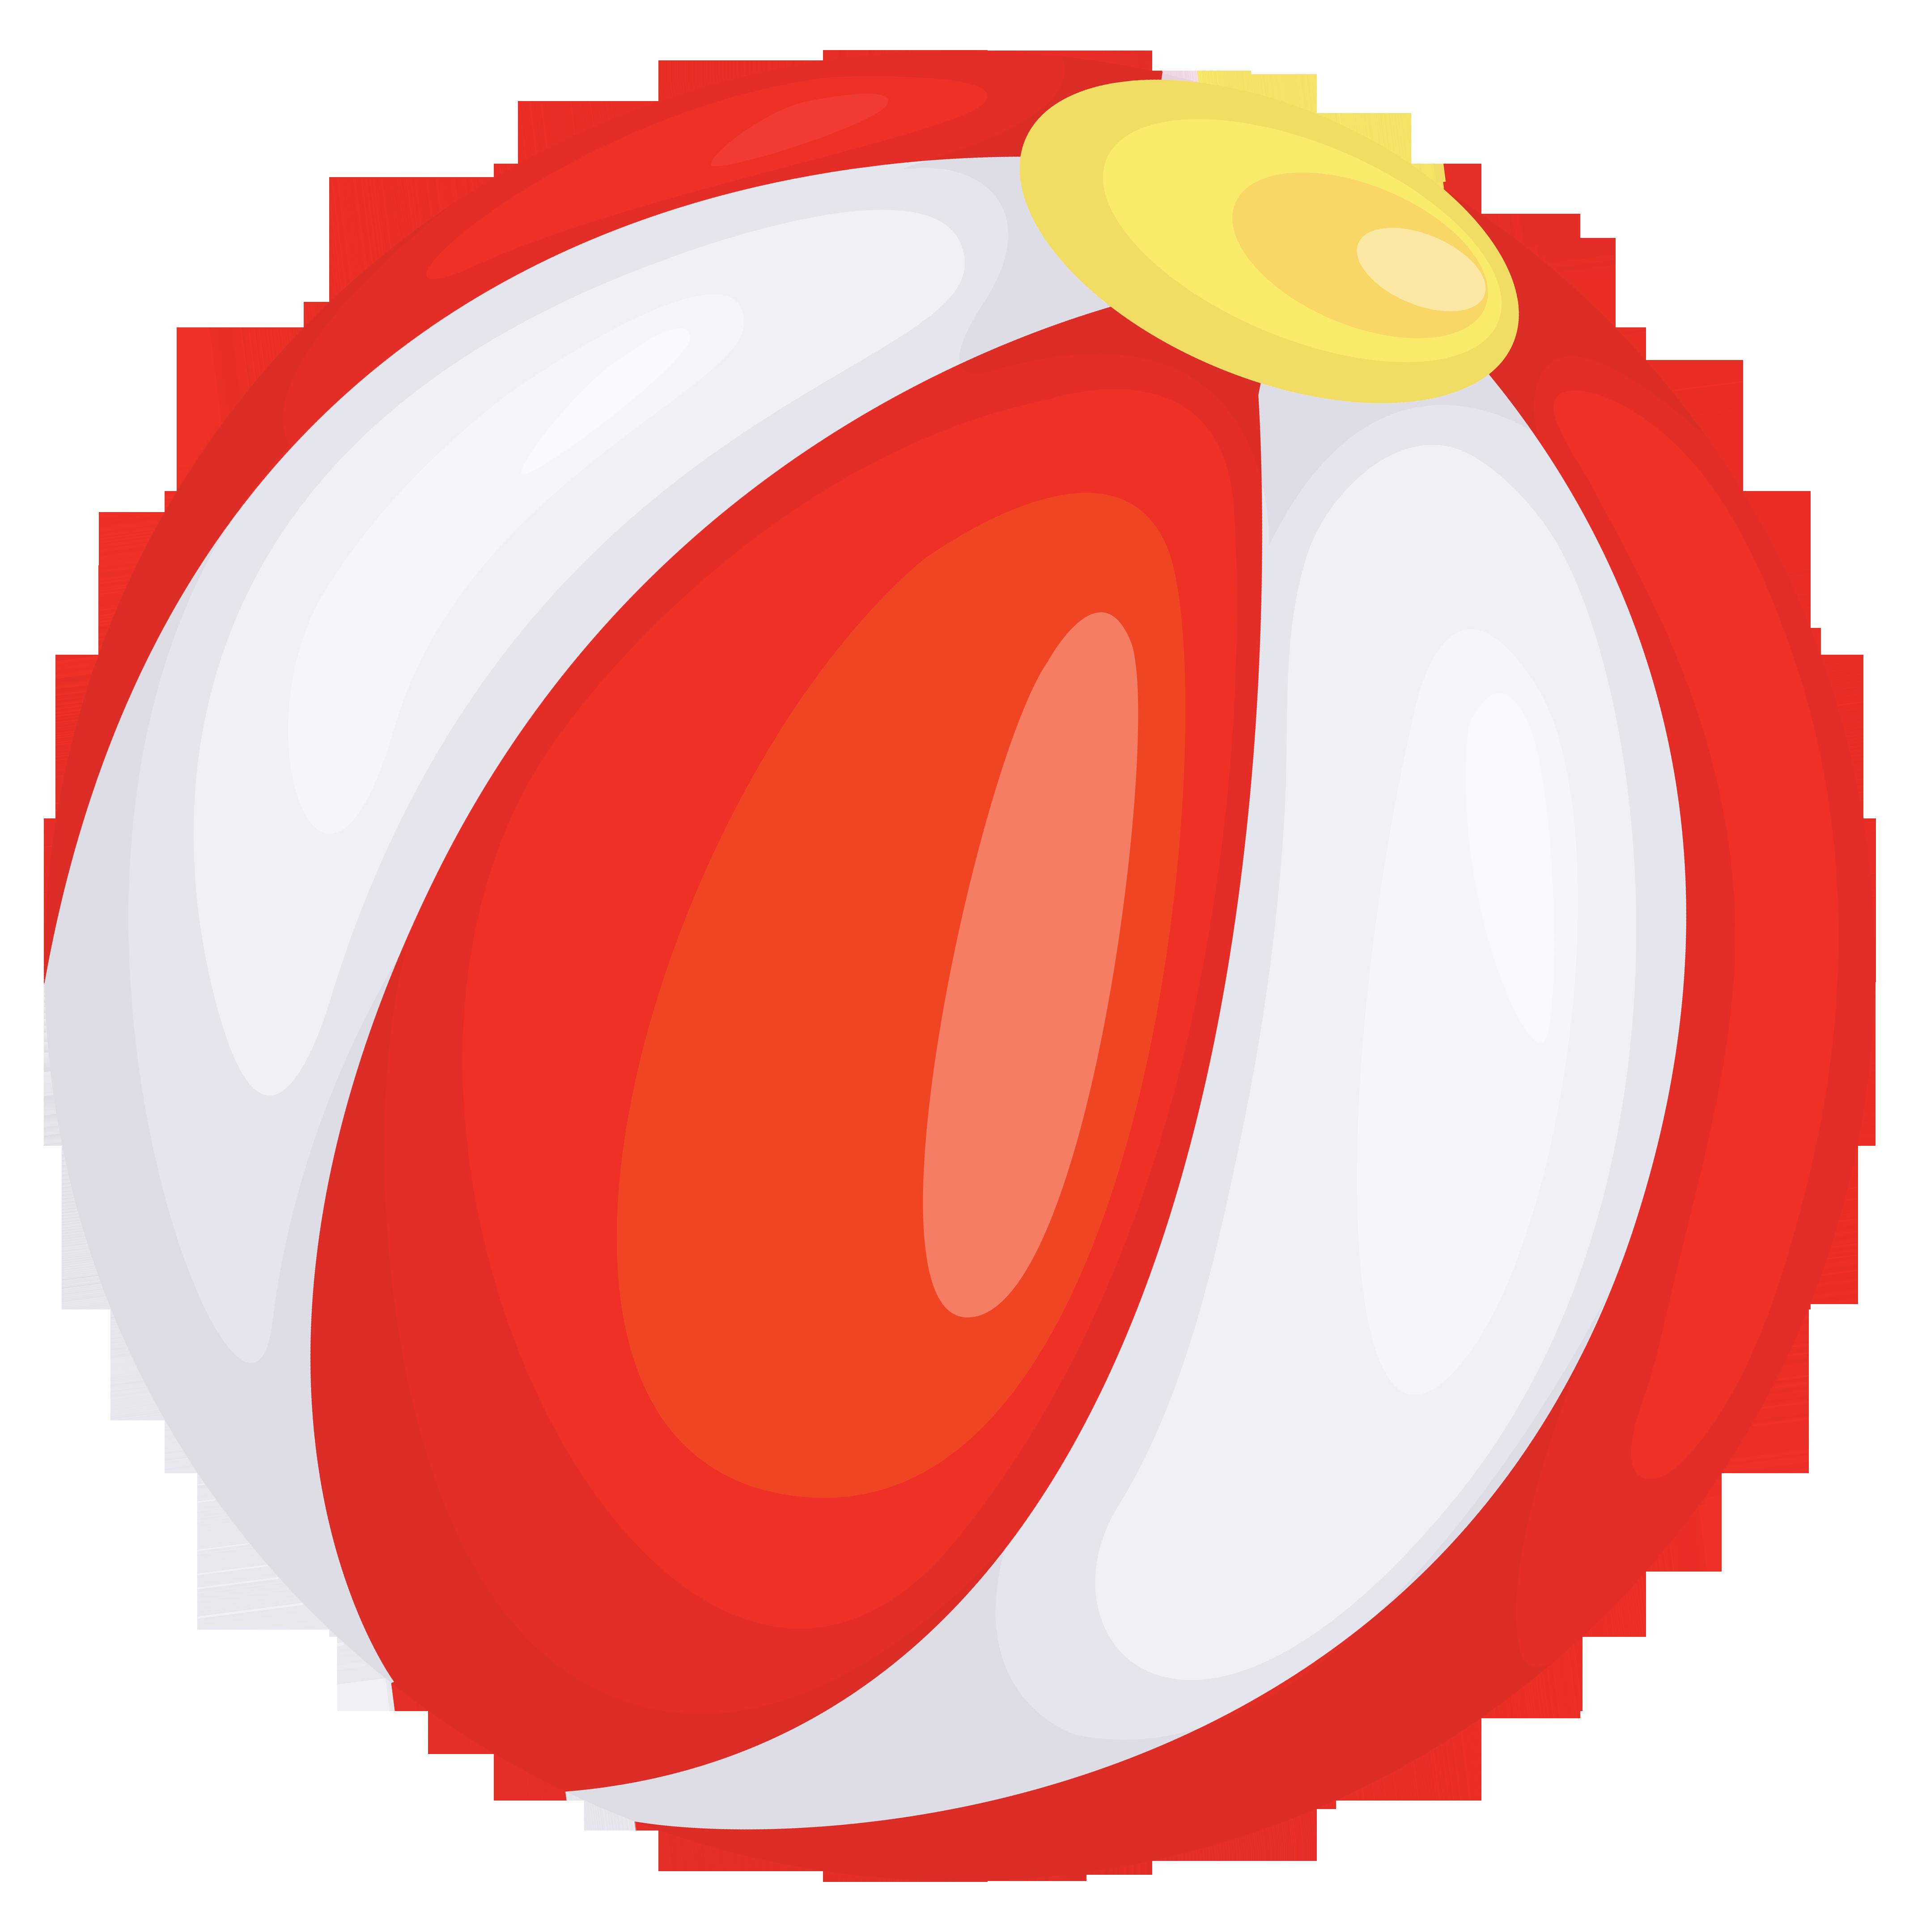 4306x4320 Top 64 Ball Clip Art